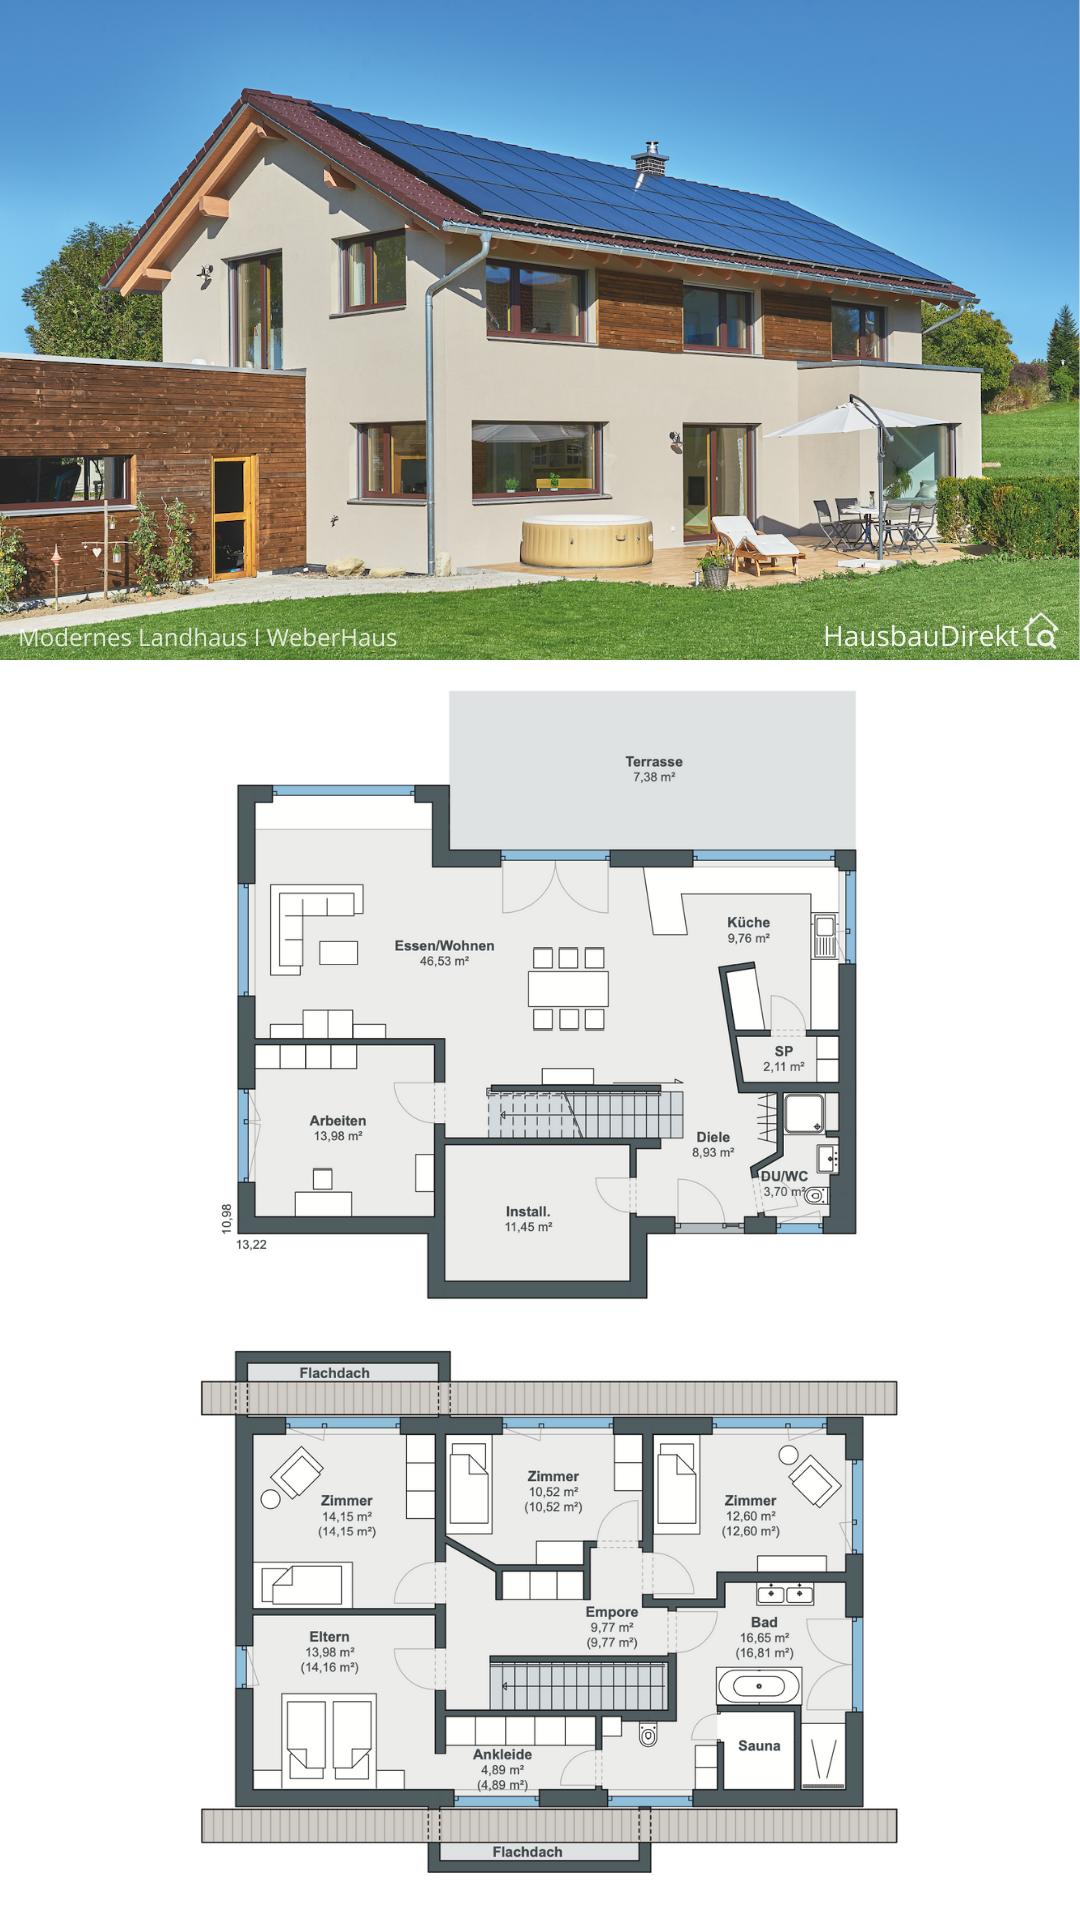 Modernes Einfamilienhaus mit Satteldach & Holz Putz Fassade bauen Haus Grundriss mit gerade Treppe